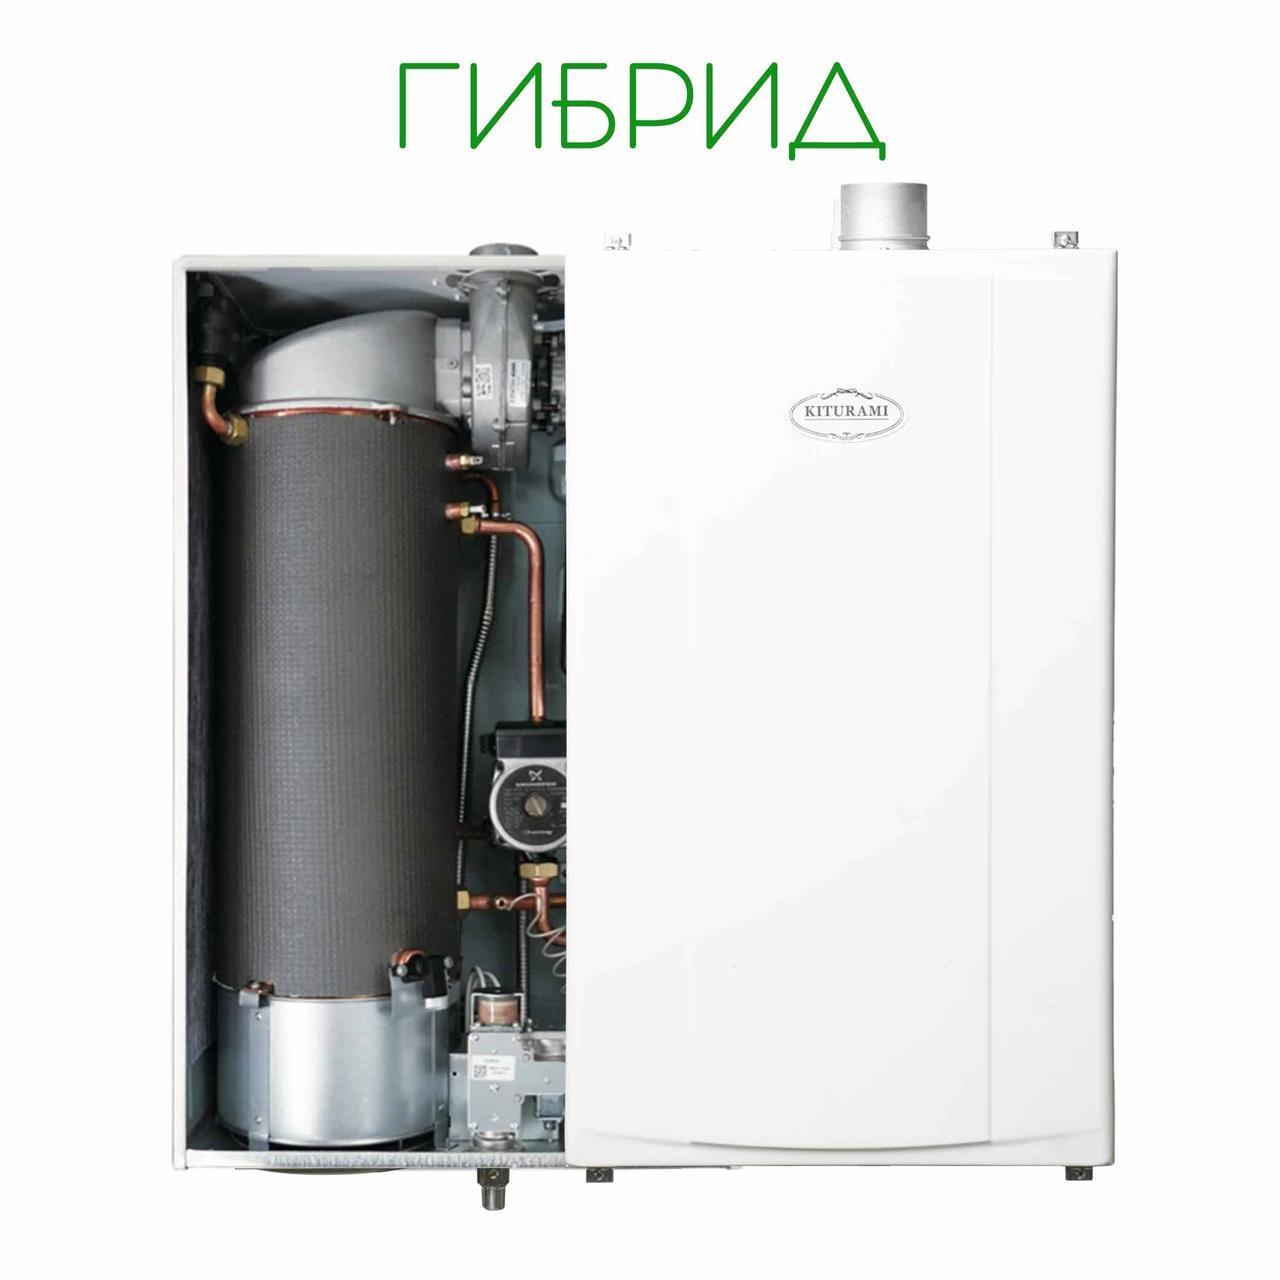 Настенный котел Kiturami ГИБРИД, 29.1 кВт